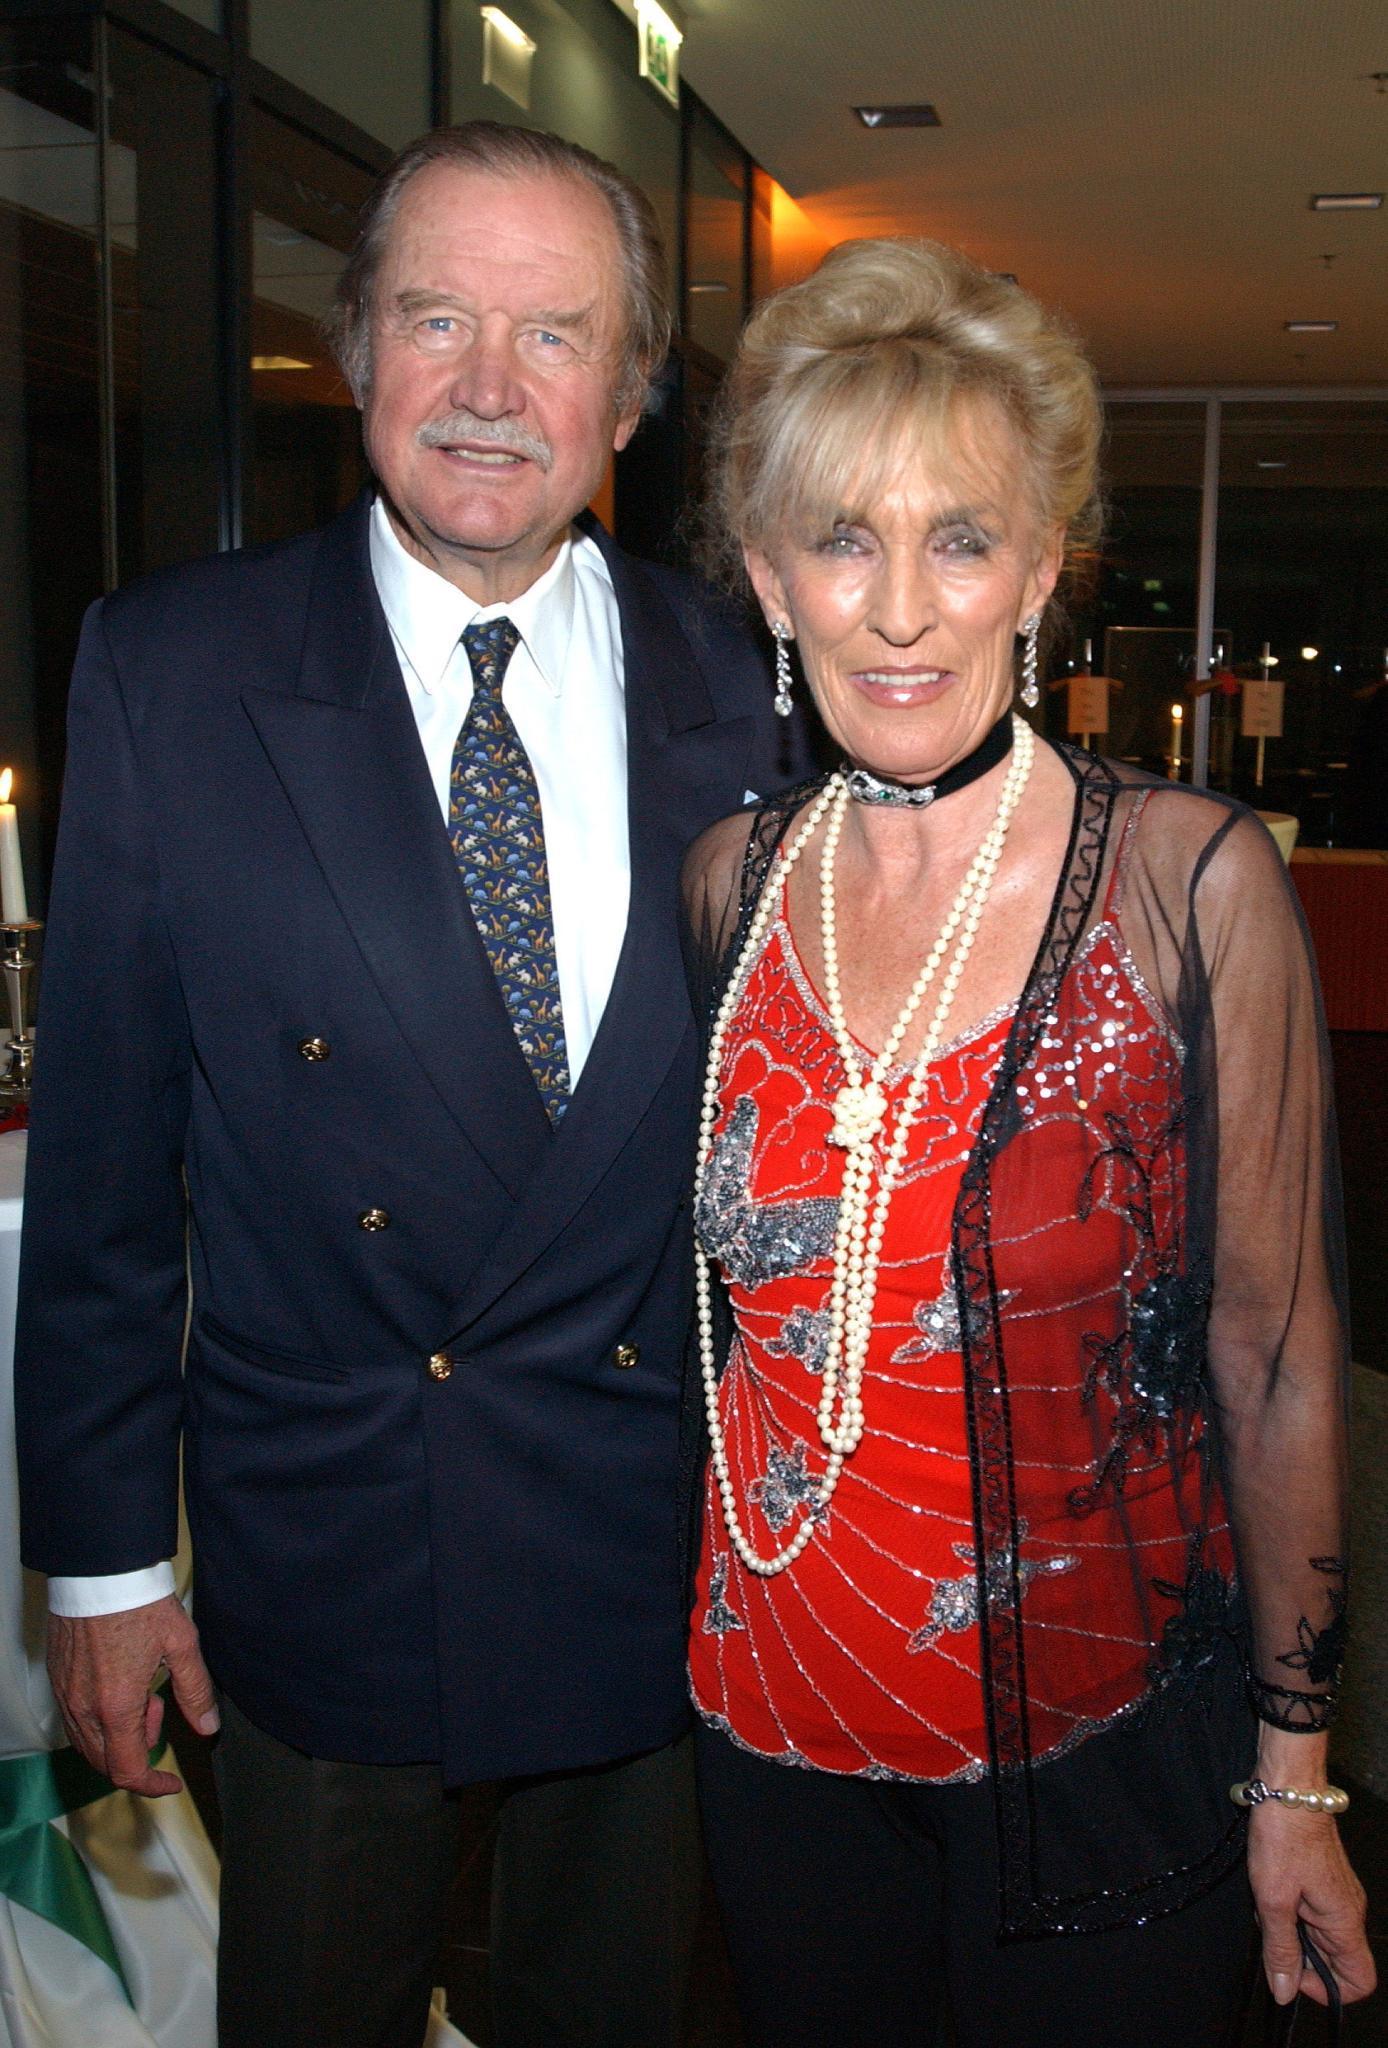 Das Fürstenpaar: Fürst Ferdinand von Bismarck und seine Frau Elisabeth. Das Paar ist seit 1960 verheiratet, tritt aber nur noch selten gemeinsam auf. Der Fürst will den Erbstreit vor seinem Ableben geschlichtet wissen.